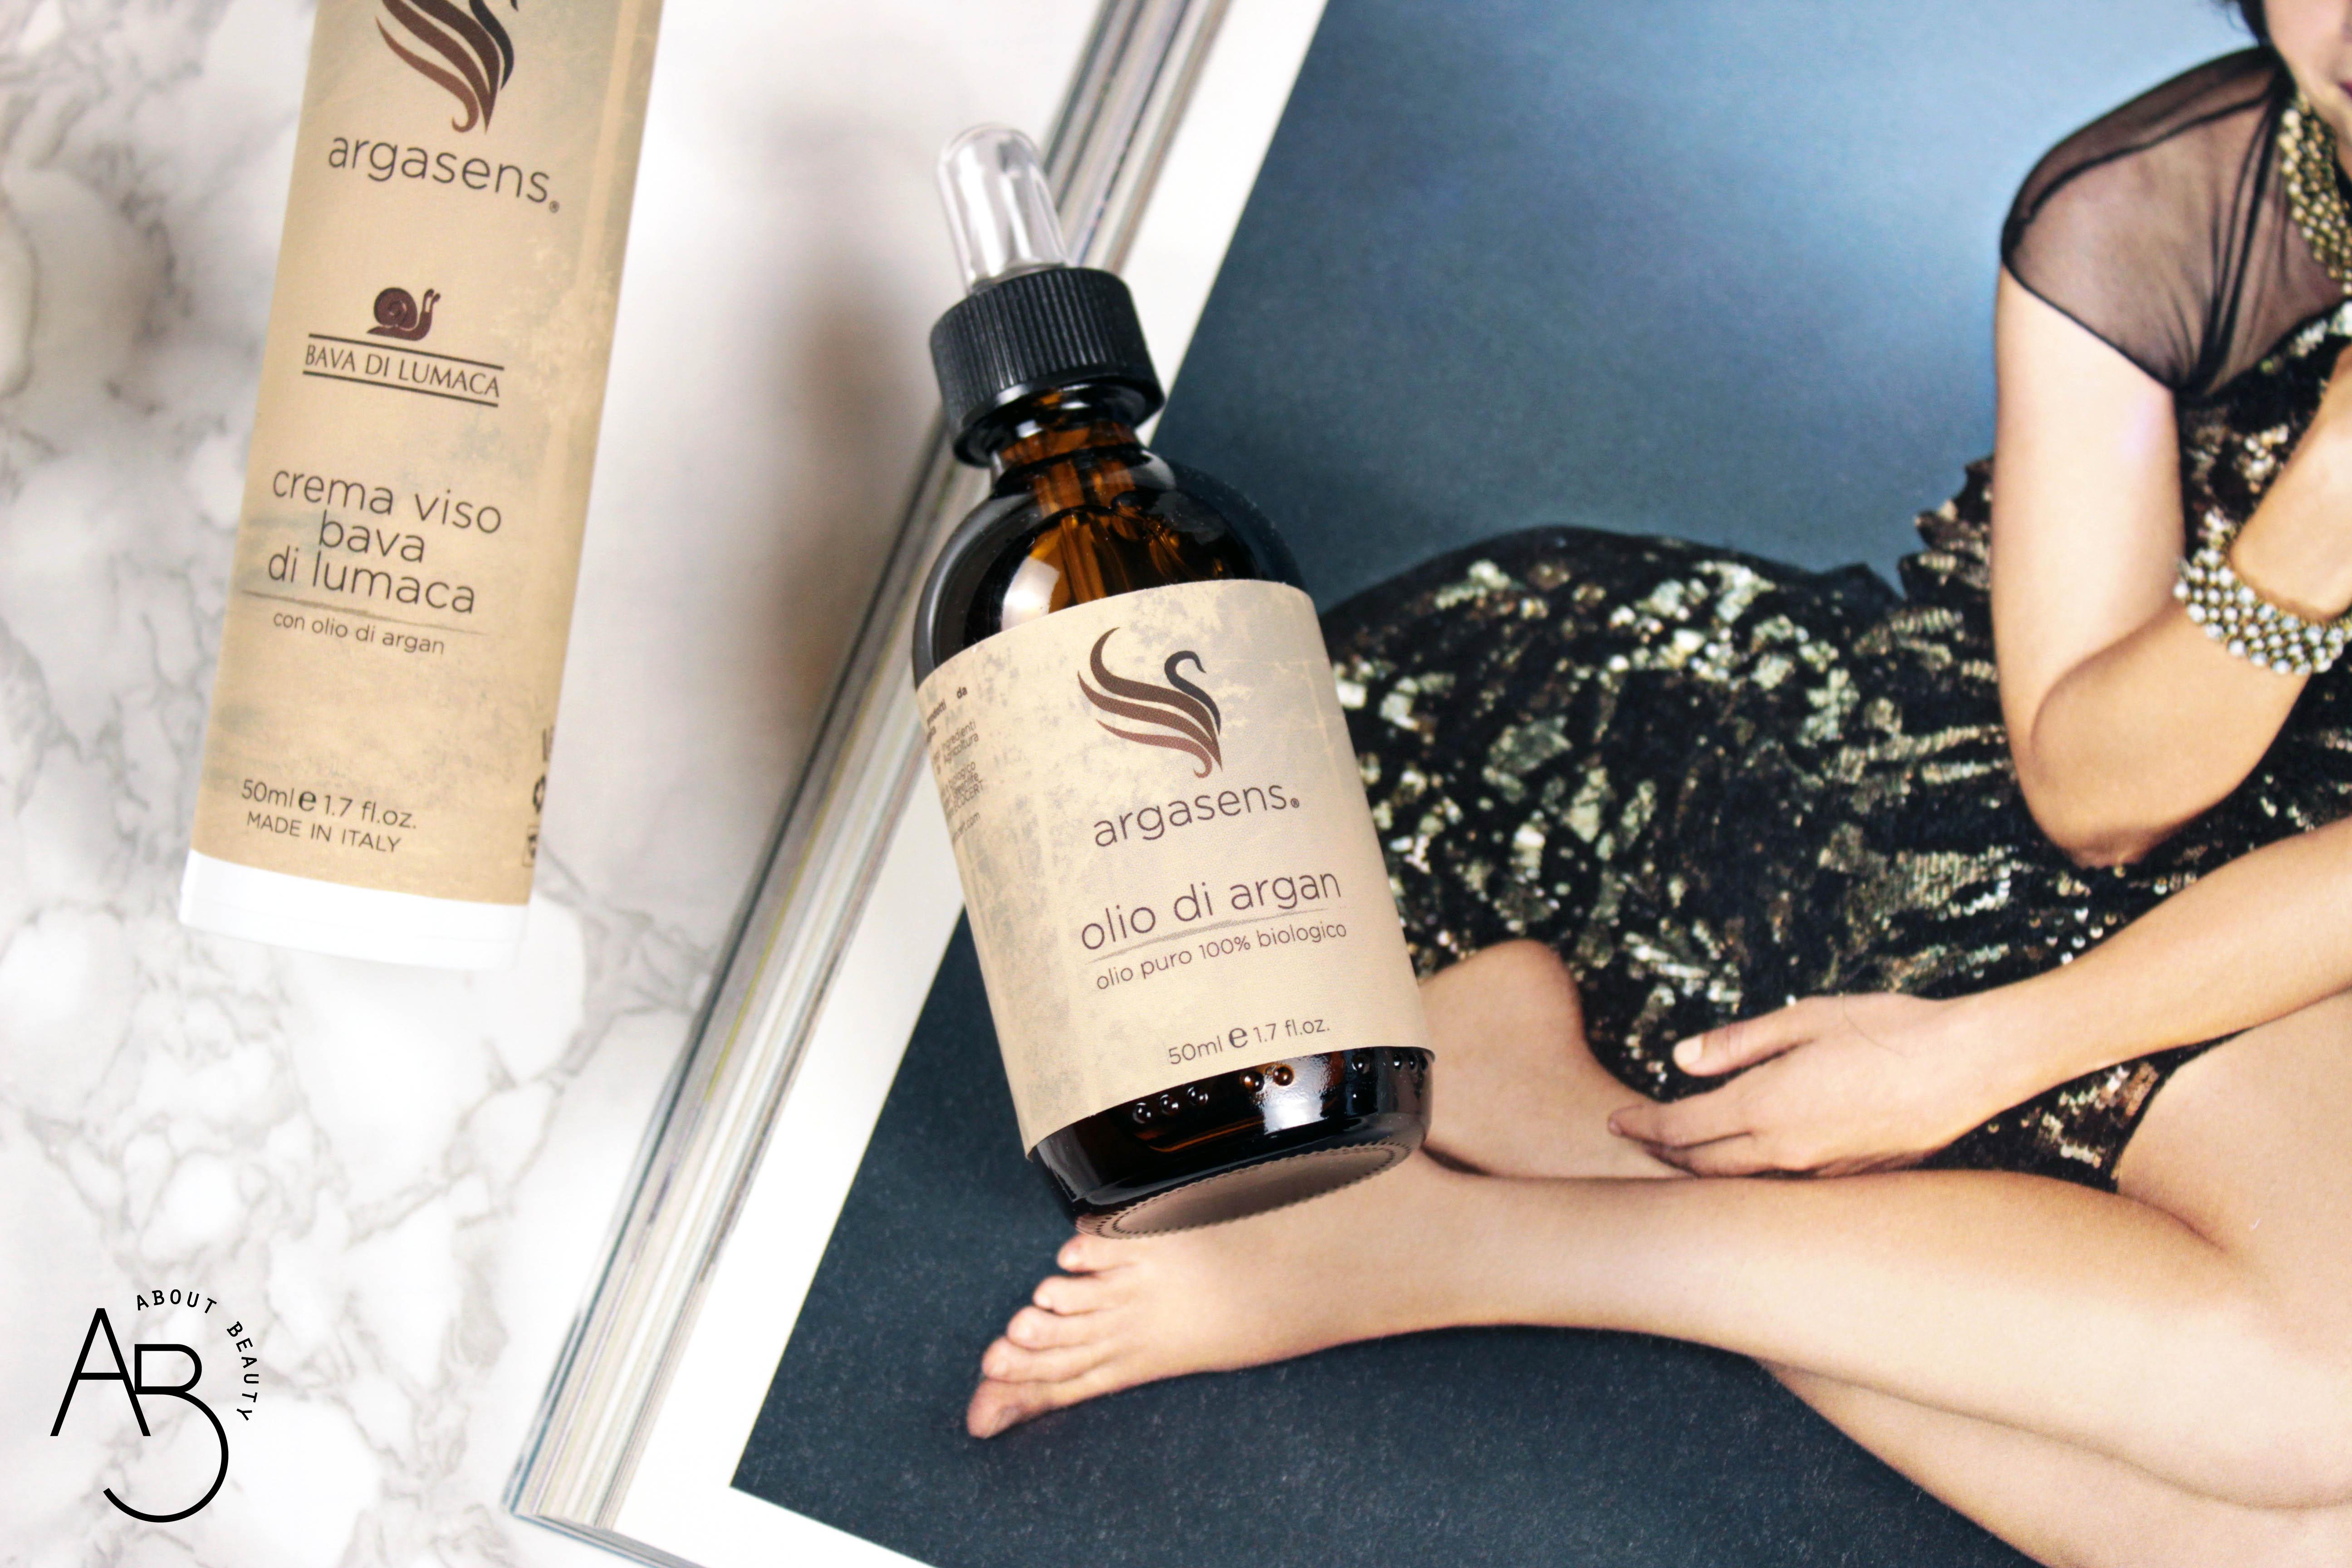 Argasens, olio di argan biologico puro e crema viso alla bava di lumaca - Recensione, info, review, prezzo, dove acquistare, inci - Olio puro logo